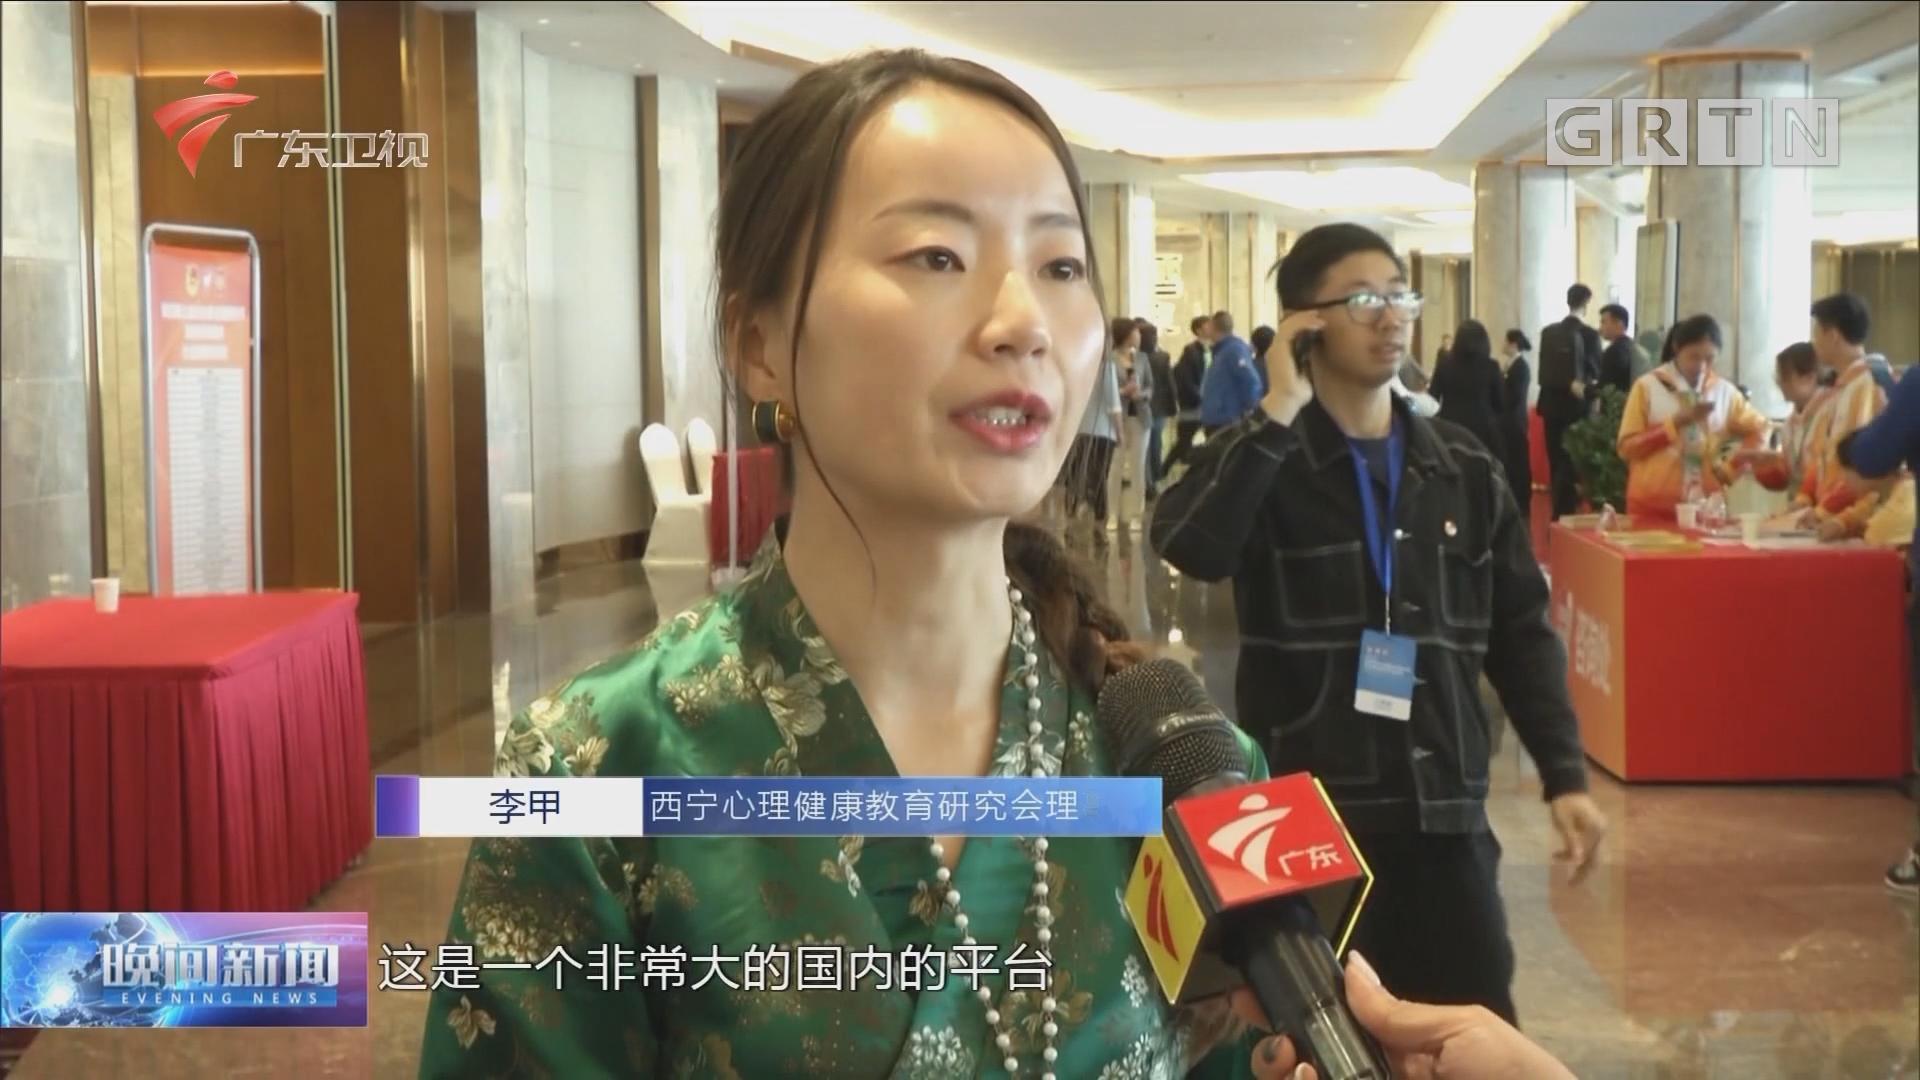 第五届中国志交会:志愿者齐聚东莞 优秀项目同台角逐